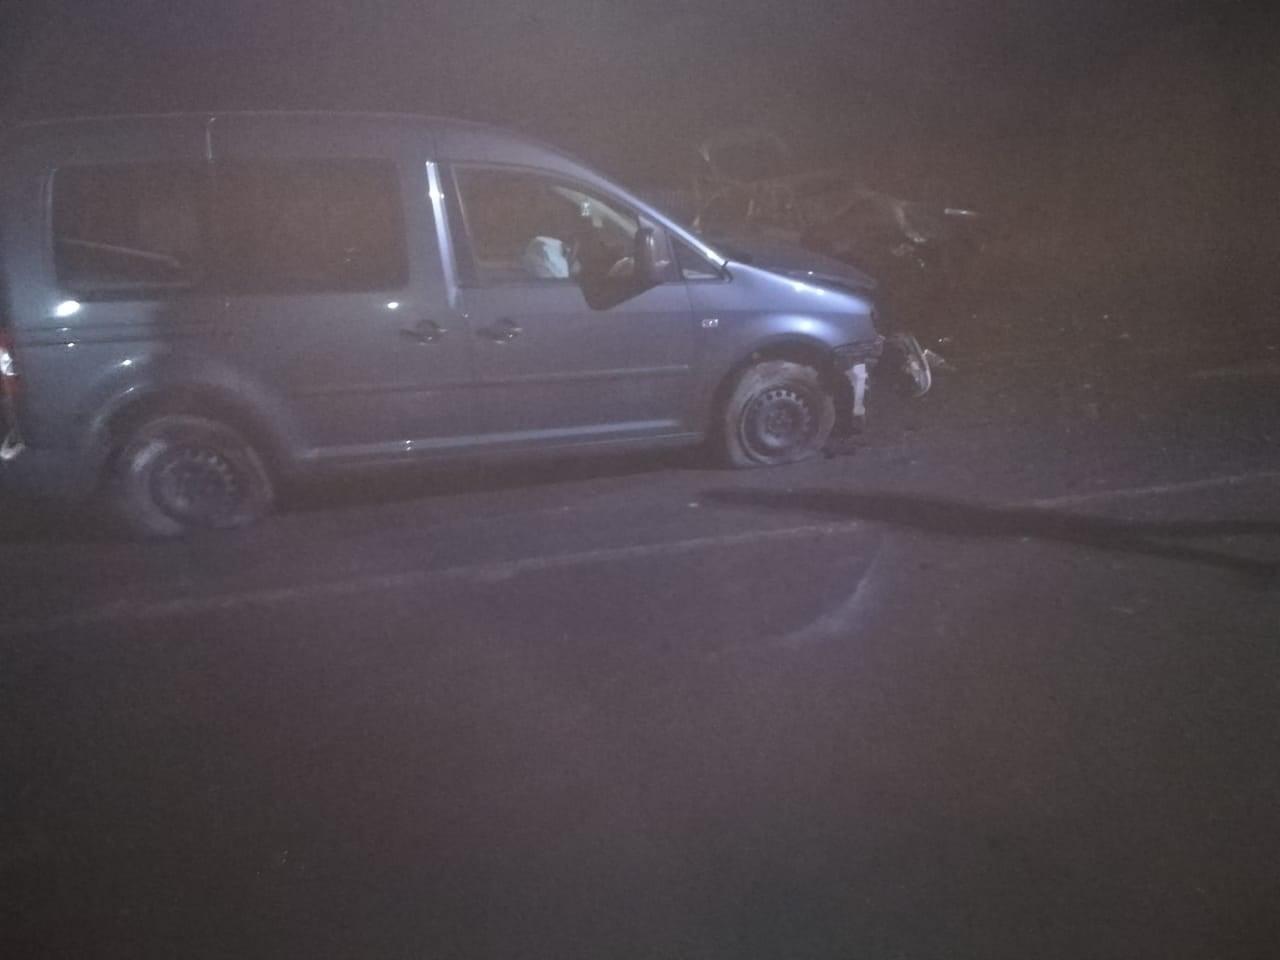 В летальном ДТП в Винницкой области разбился автомобиль с работниками суда и прокурором